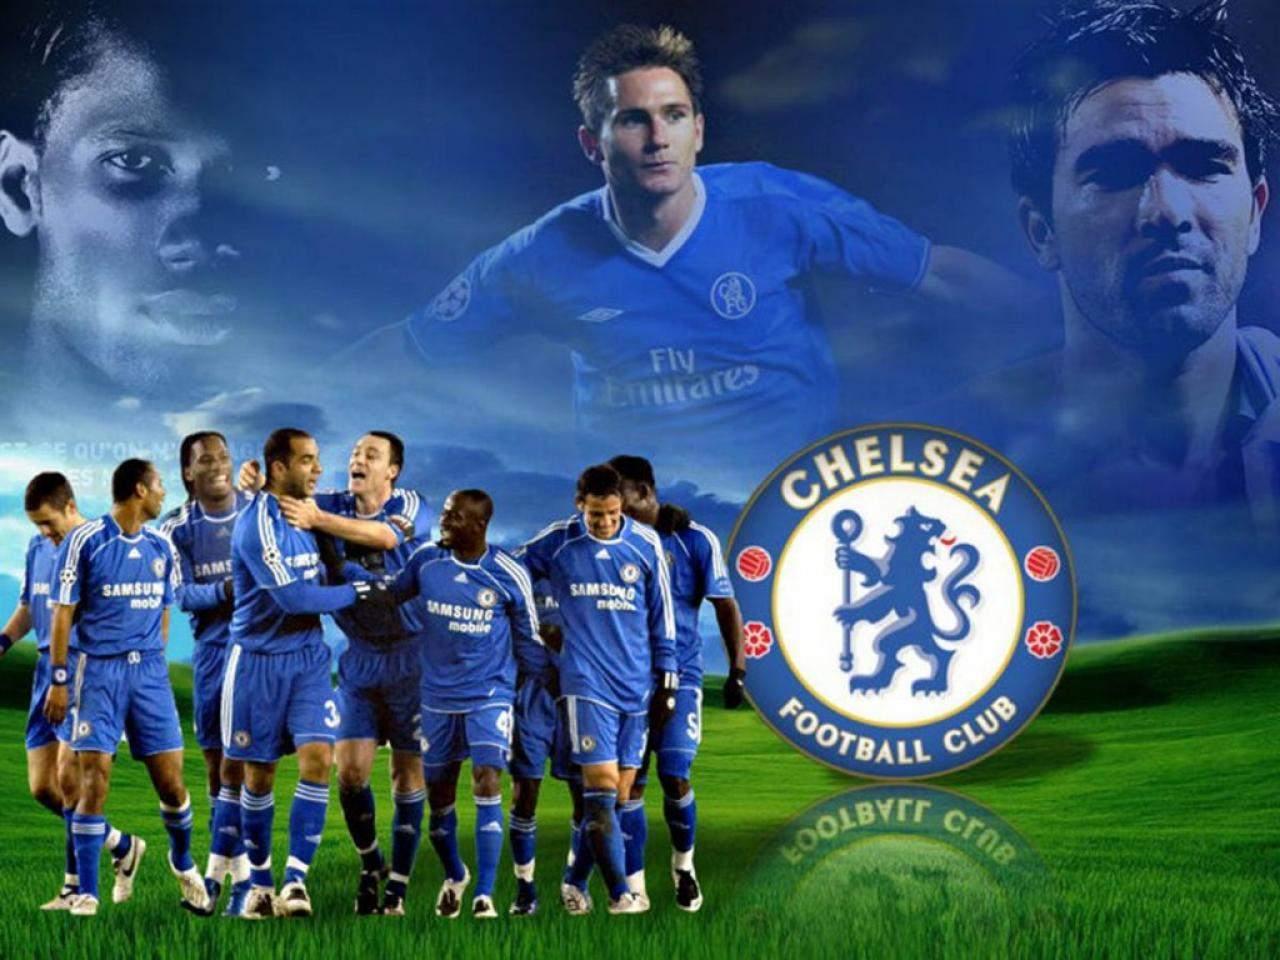 Kutukan No sembilan di Chelsea